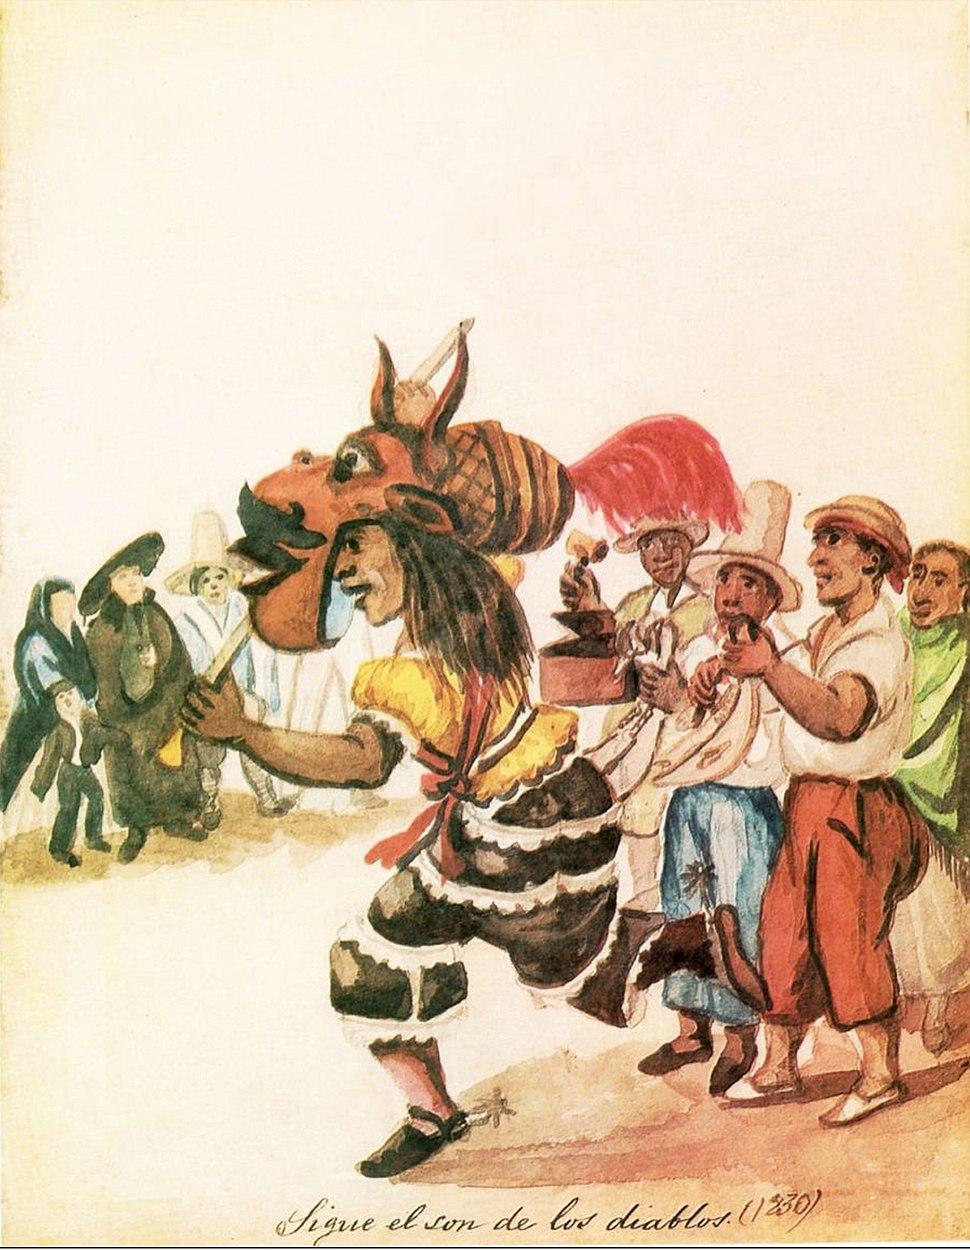 Sigue el son de los diablos (1830)